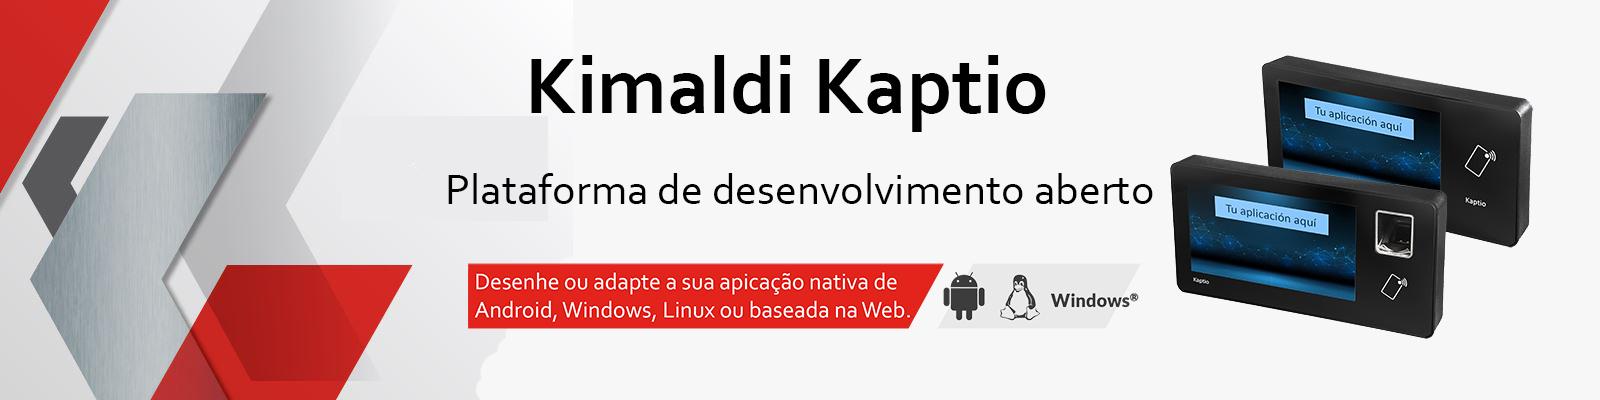 Kimaldi Kaptio - Plataforma de desenvolvimento aberto